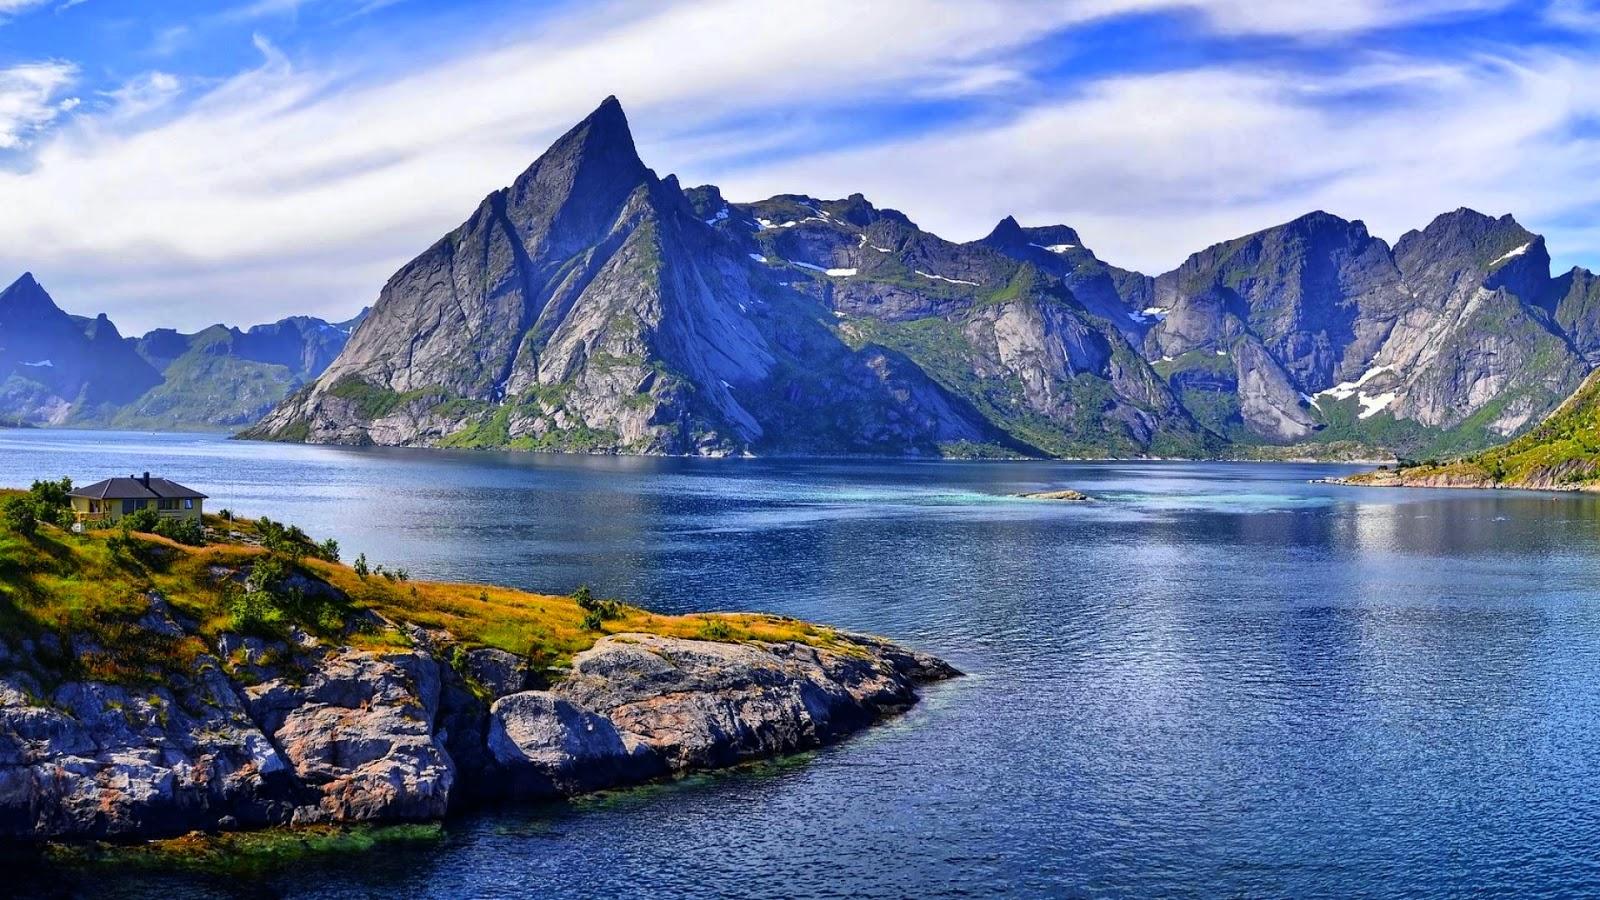 """""""Wielkie rzeczy się dzieją kiedy się spotykają ludzie z górami"""". 7040162-mountains-background"""